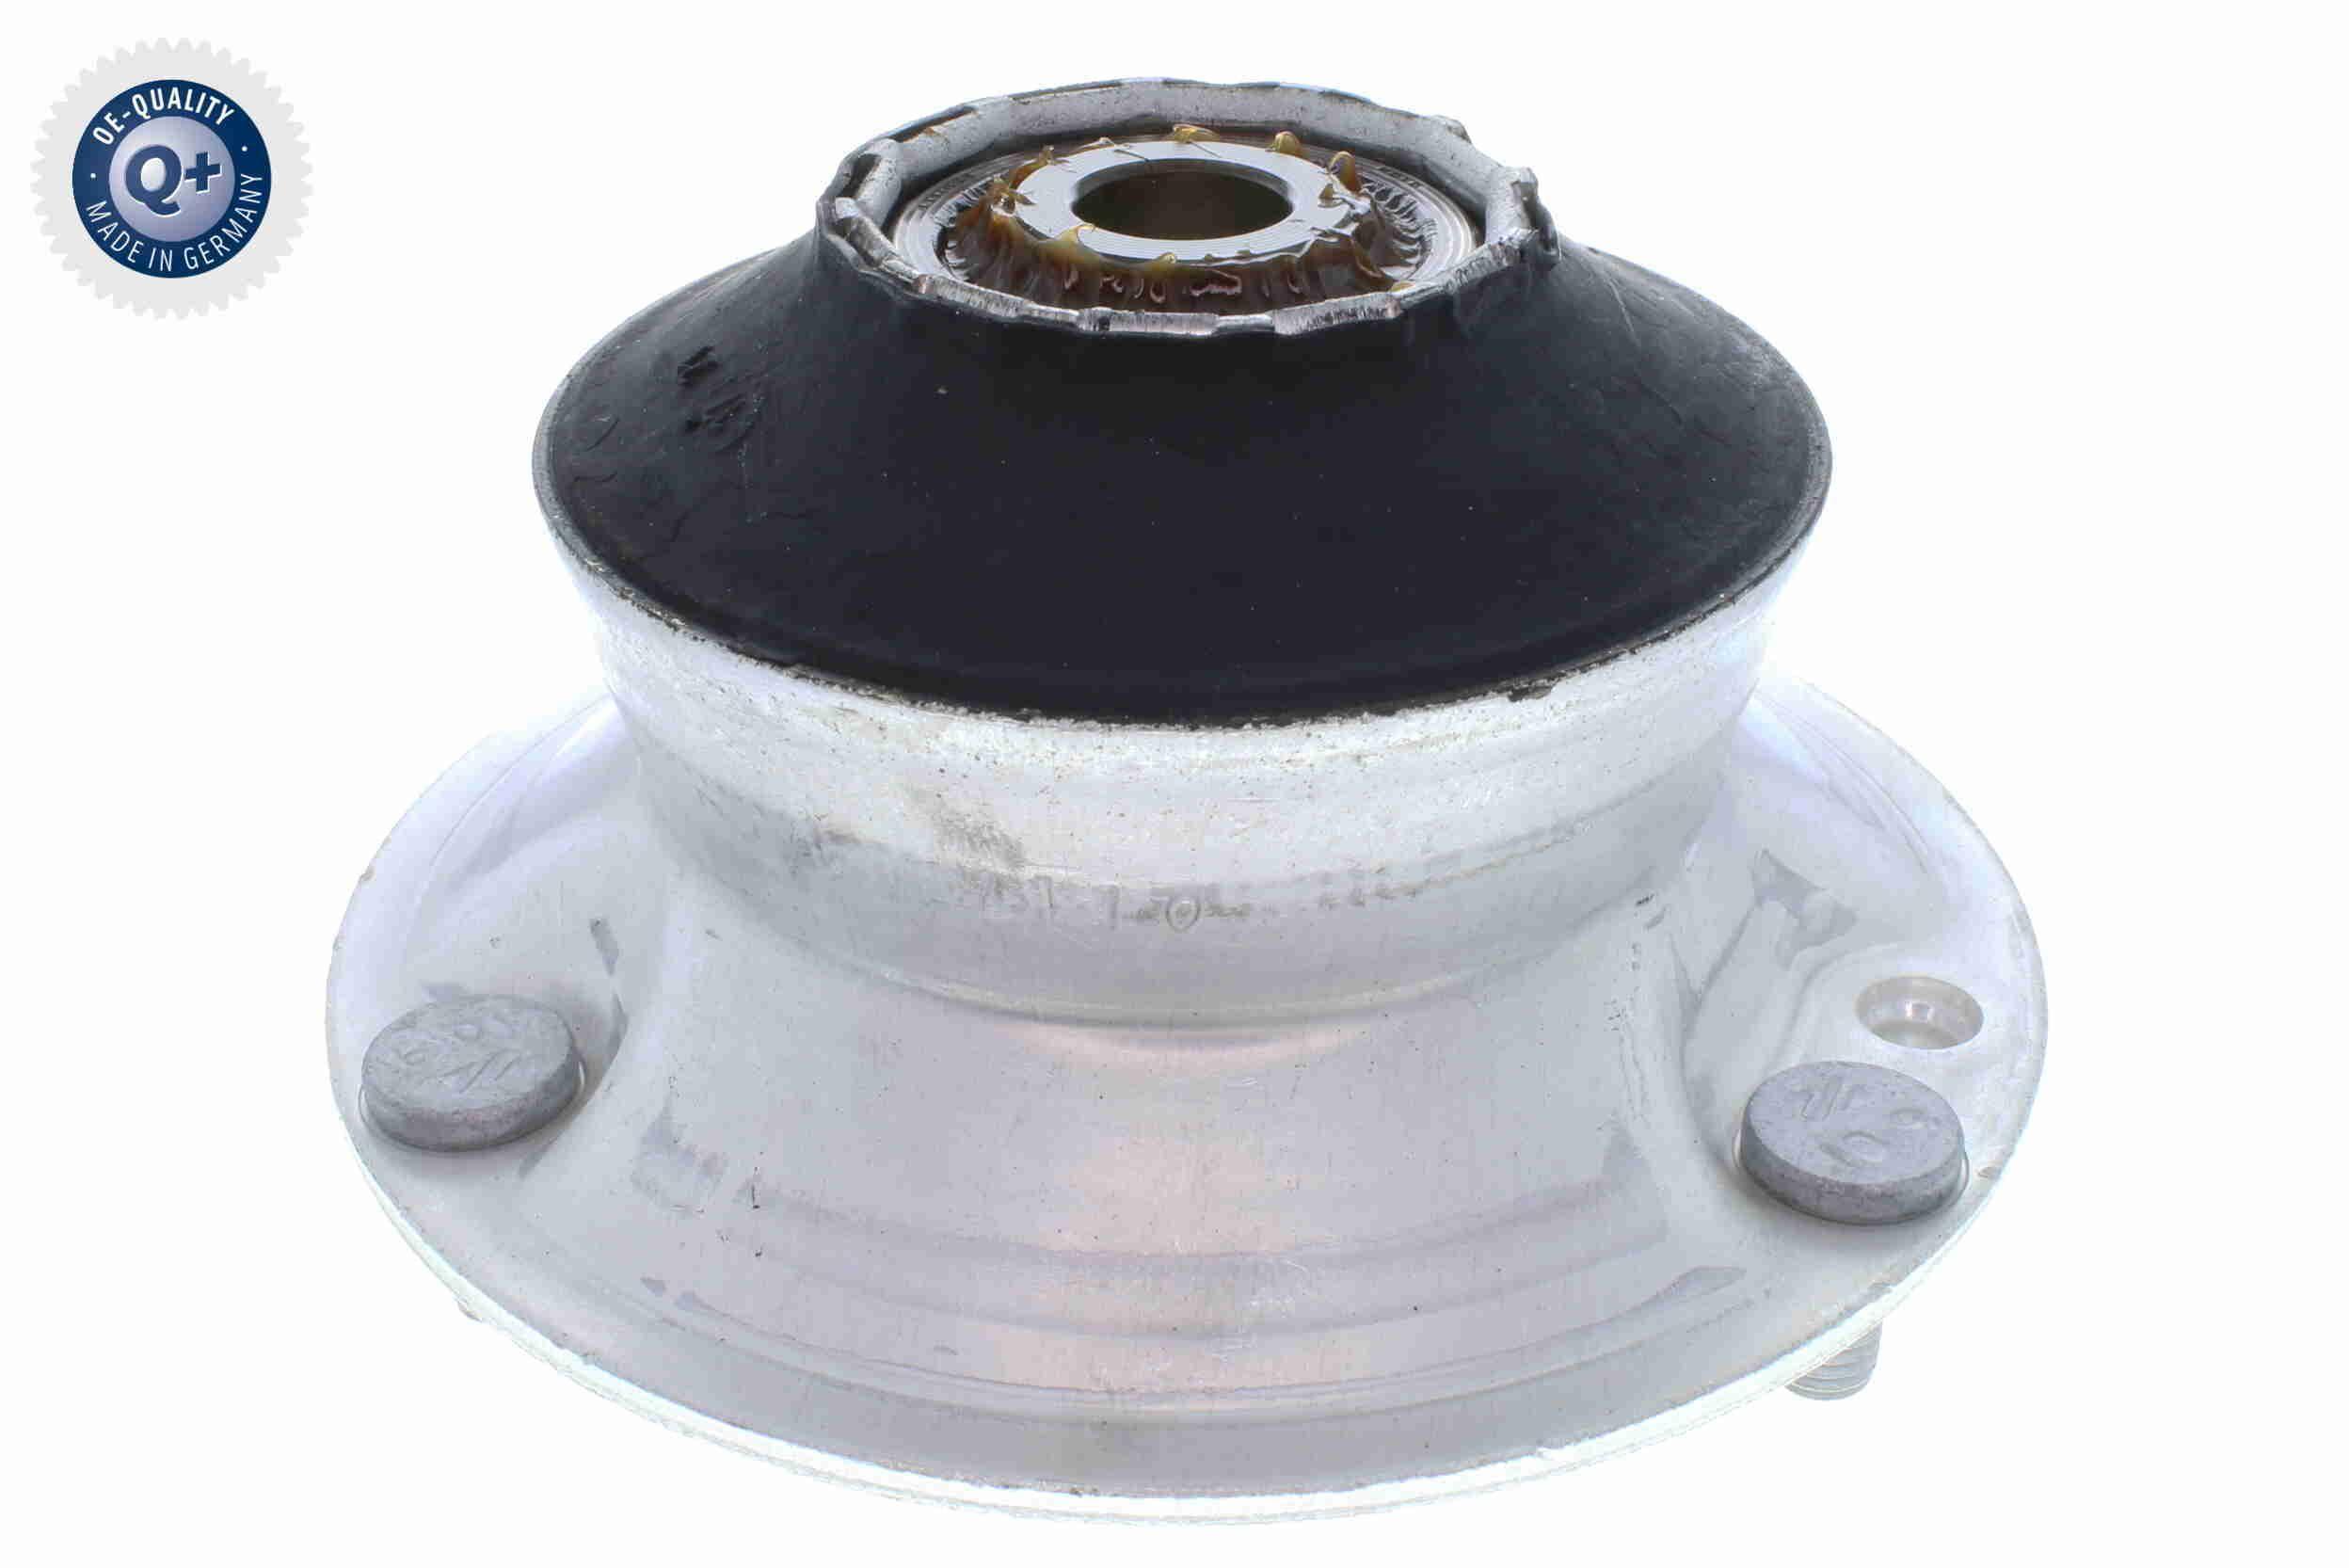 V20-0398-1 VAICO framaxel, CST96, med kullager Fjäderbens-stödlager V20-0398-1 köp lågt pris